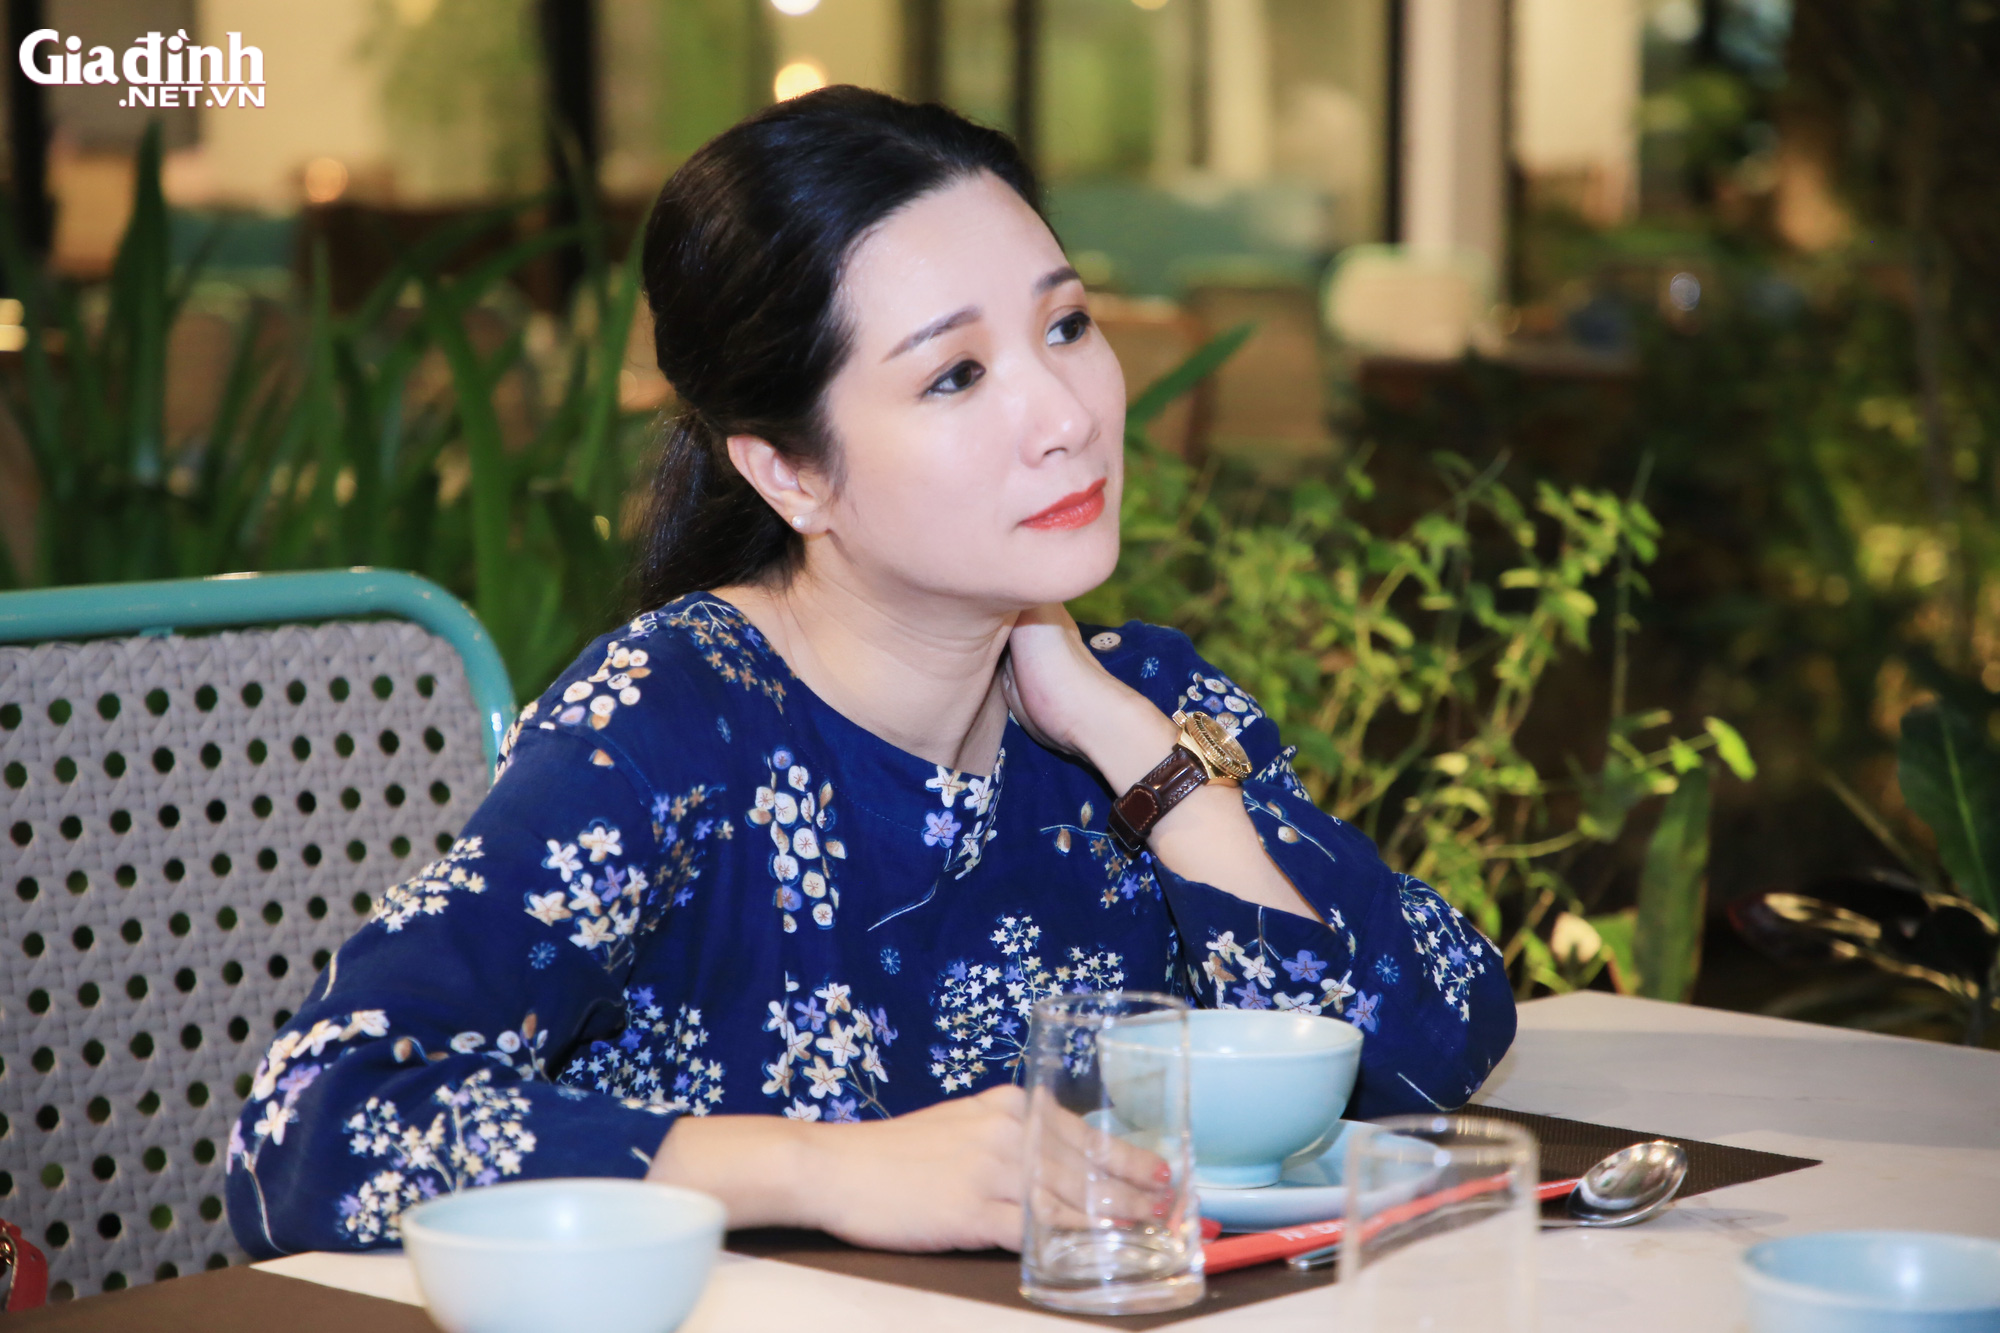 Thanh Thanh Hiền: Tôi không thể thỏa hiệp với sự phản bội của Chế Phong - Ảnh 1.